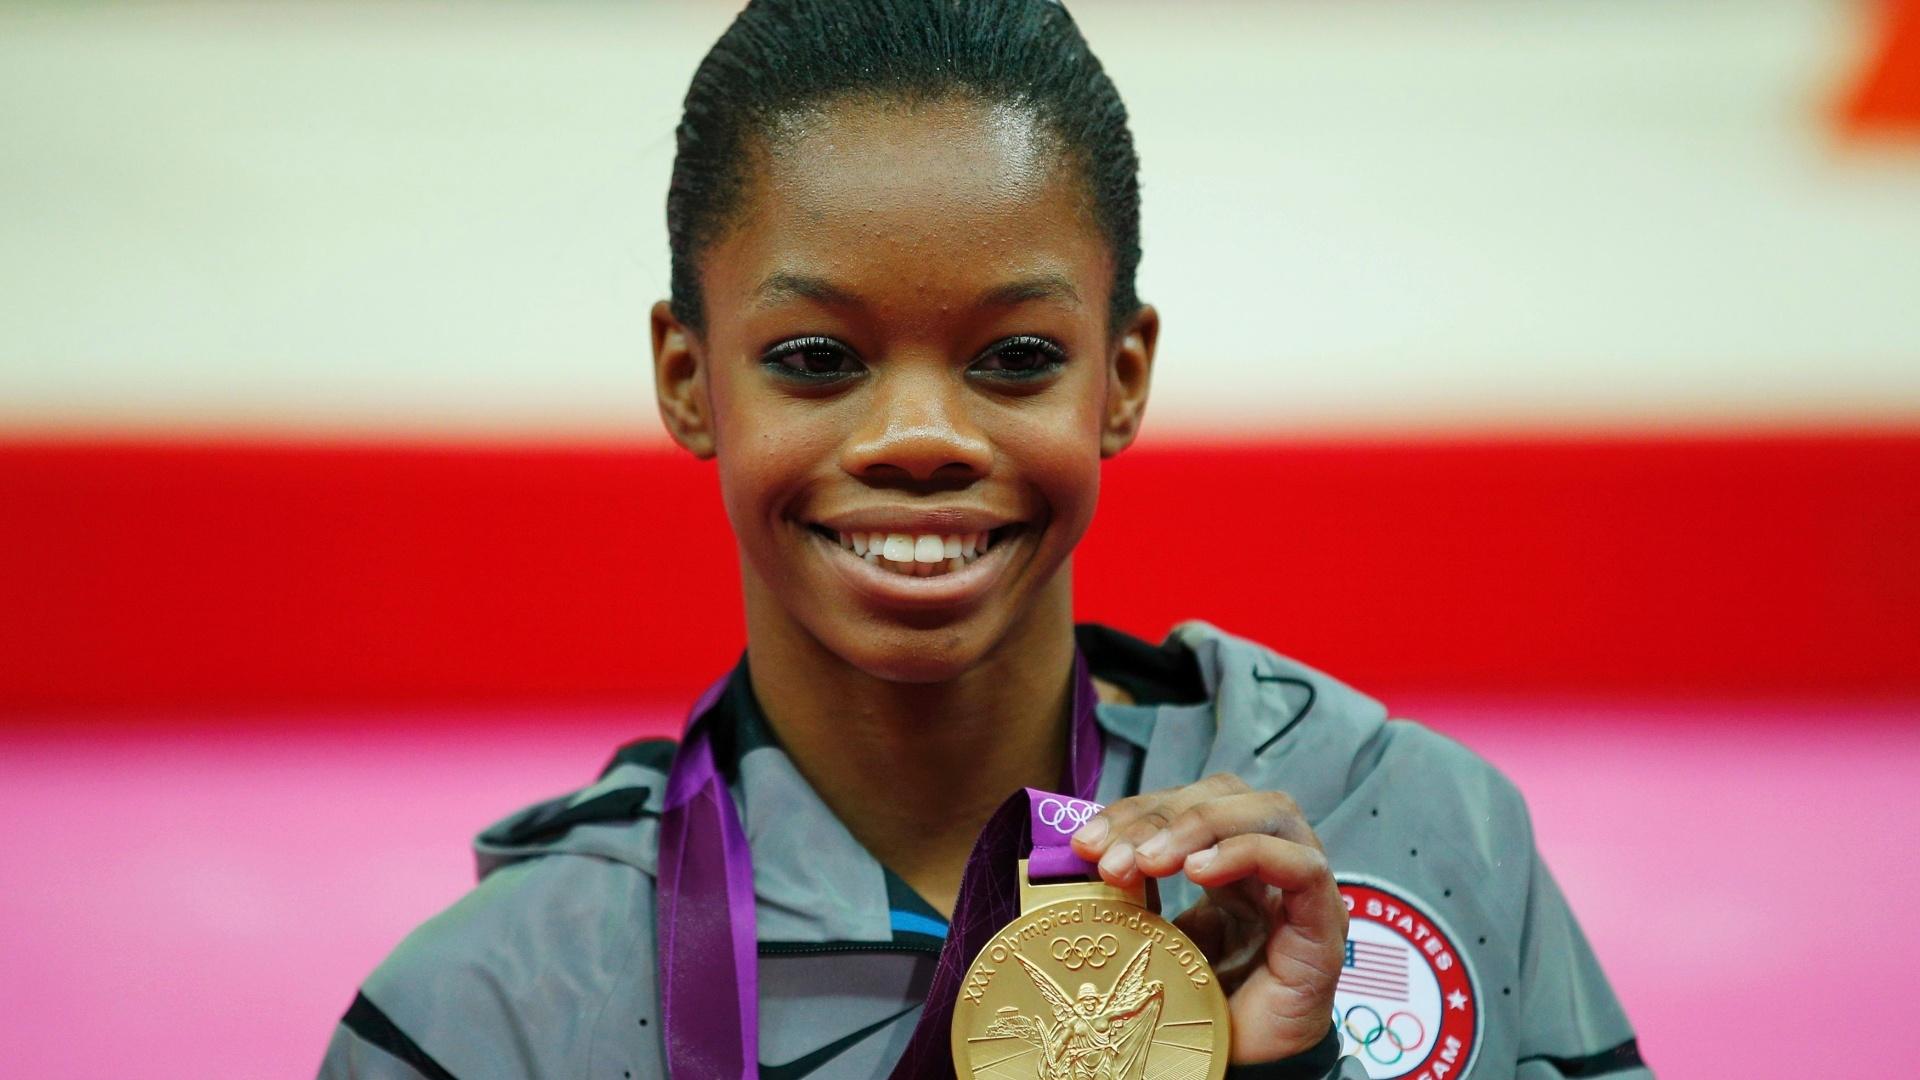 Gabby Douglas mostra a medalha de ouro que conquistou na final individual geral da ginástica artística